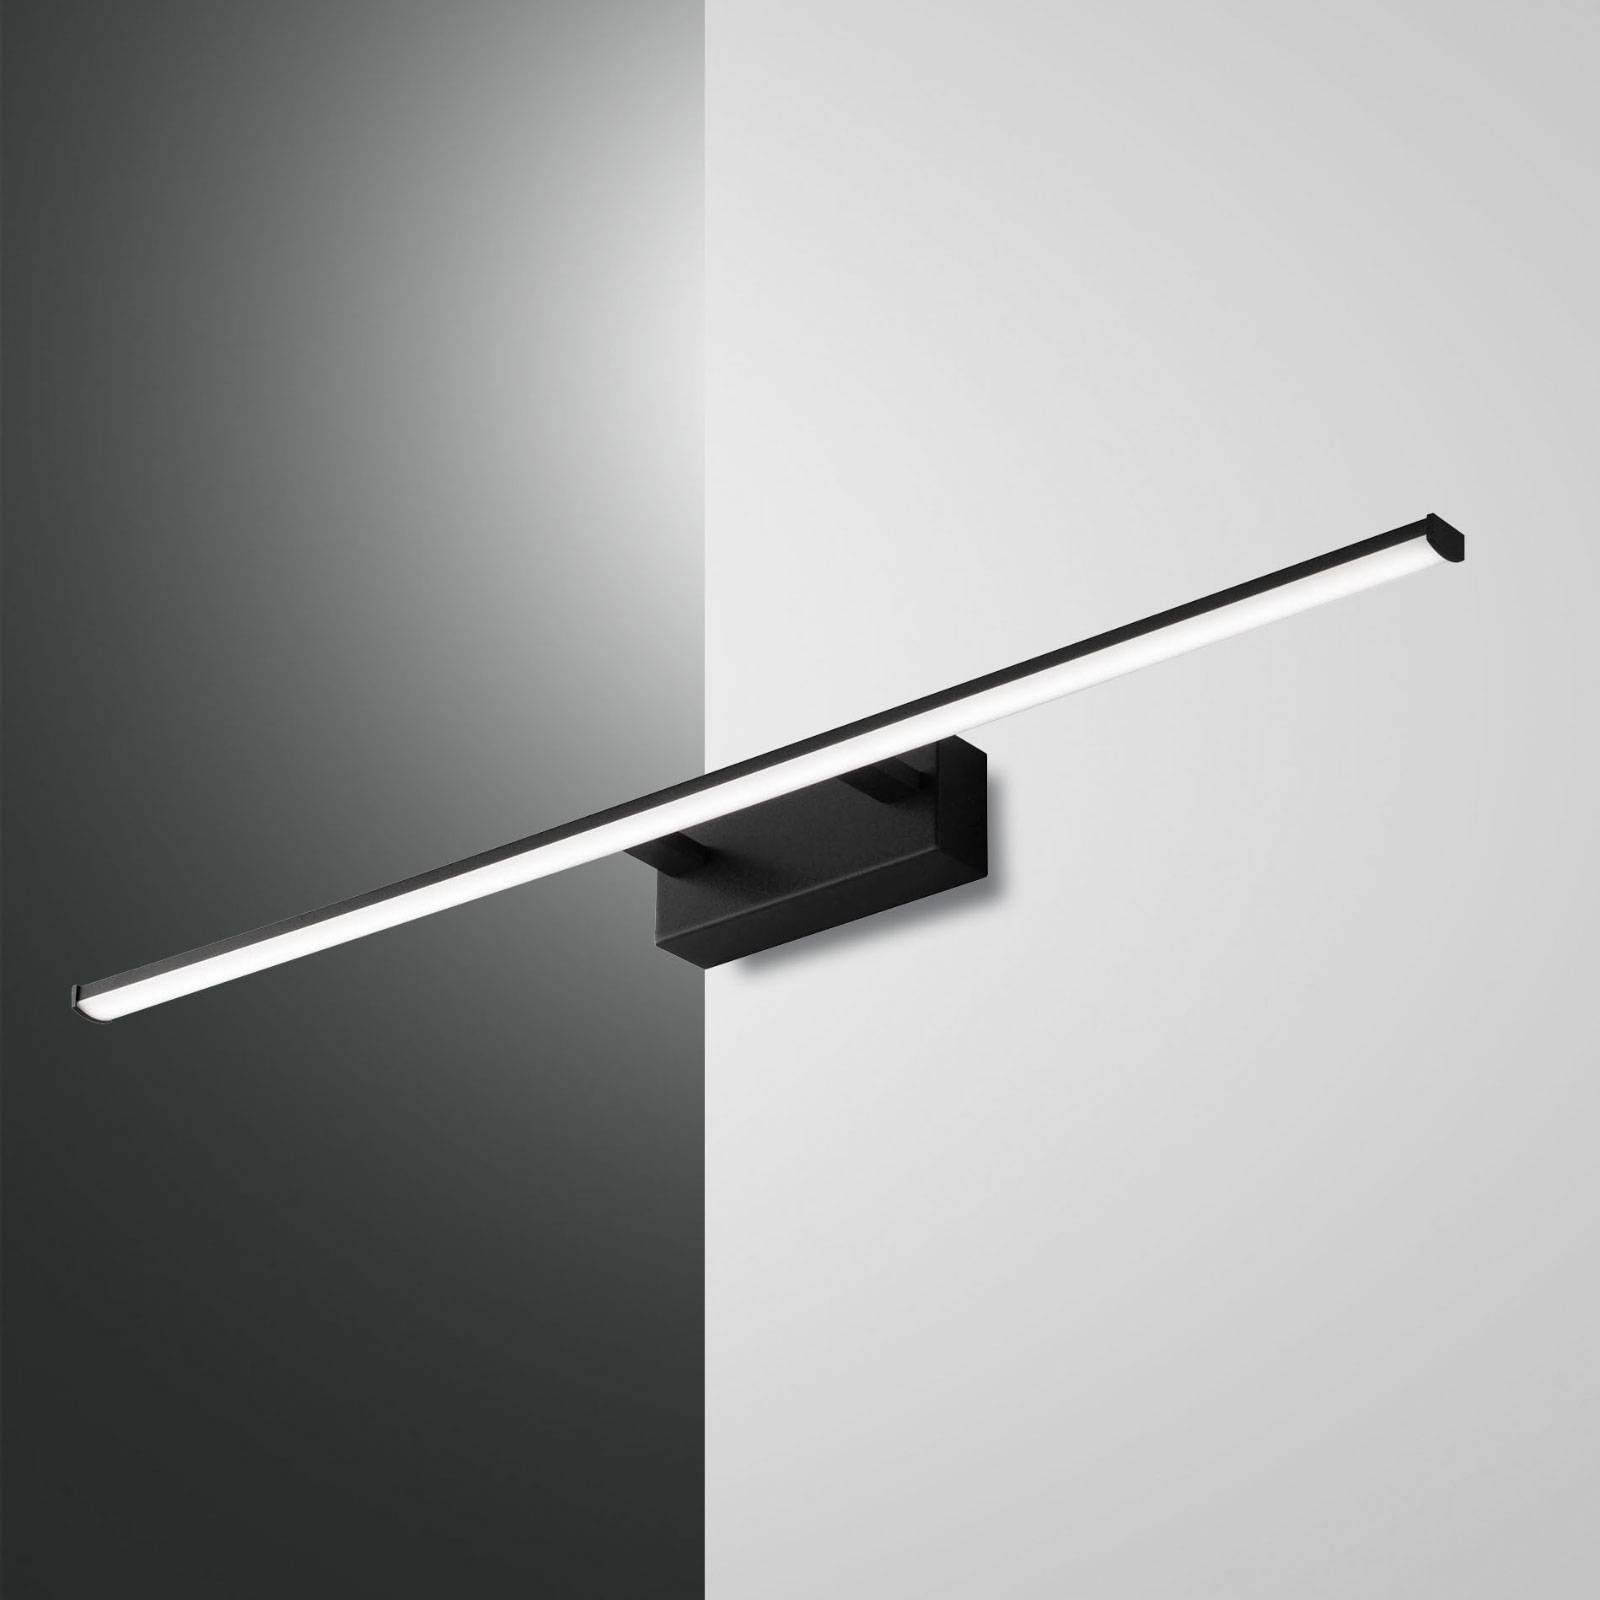 LED-Wandleuchte Nala, schwarz, Breite 75 cm